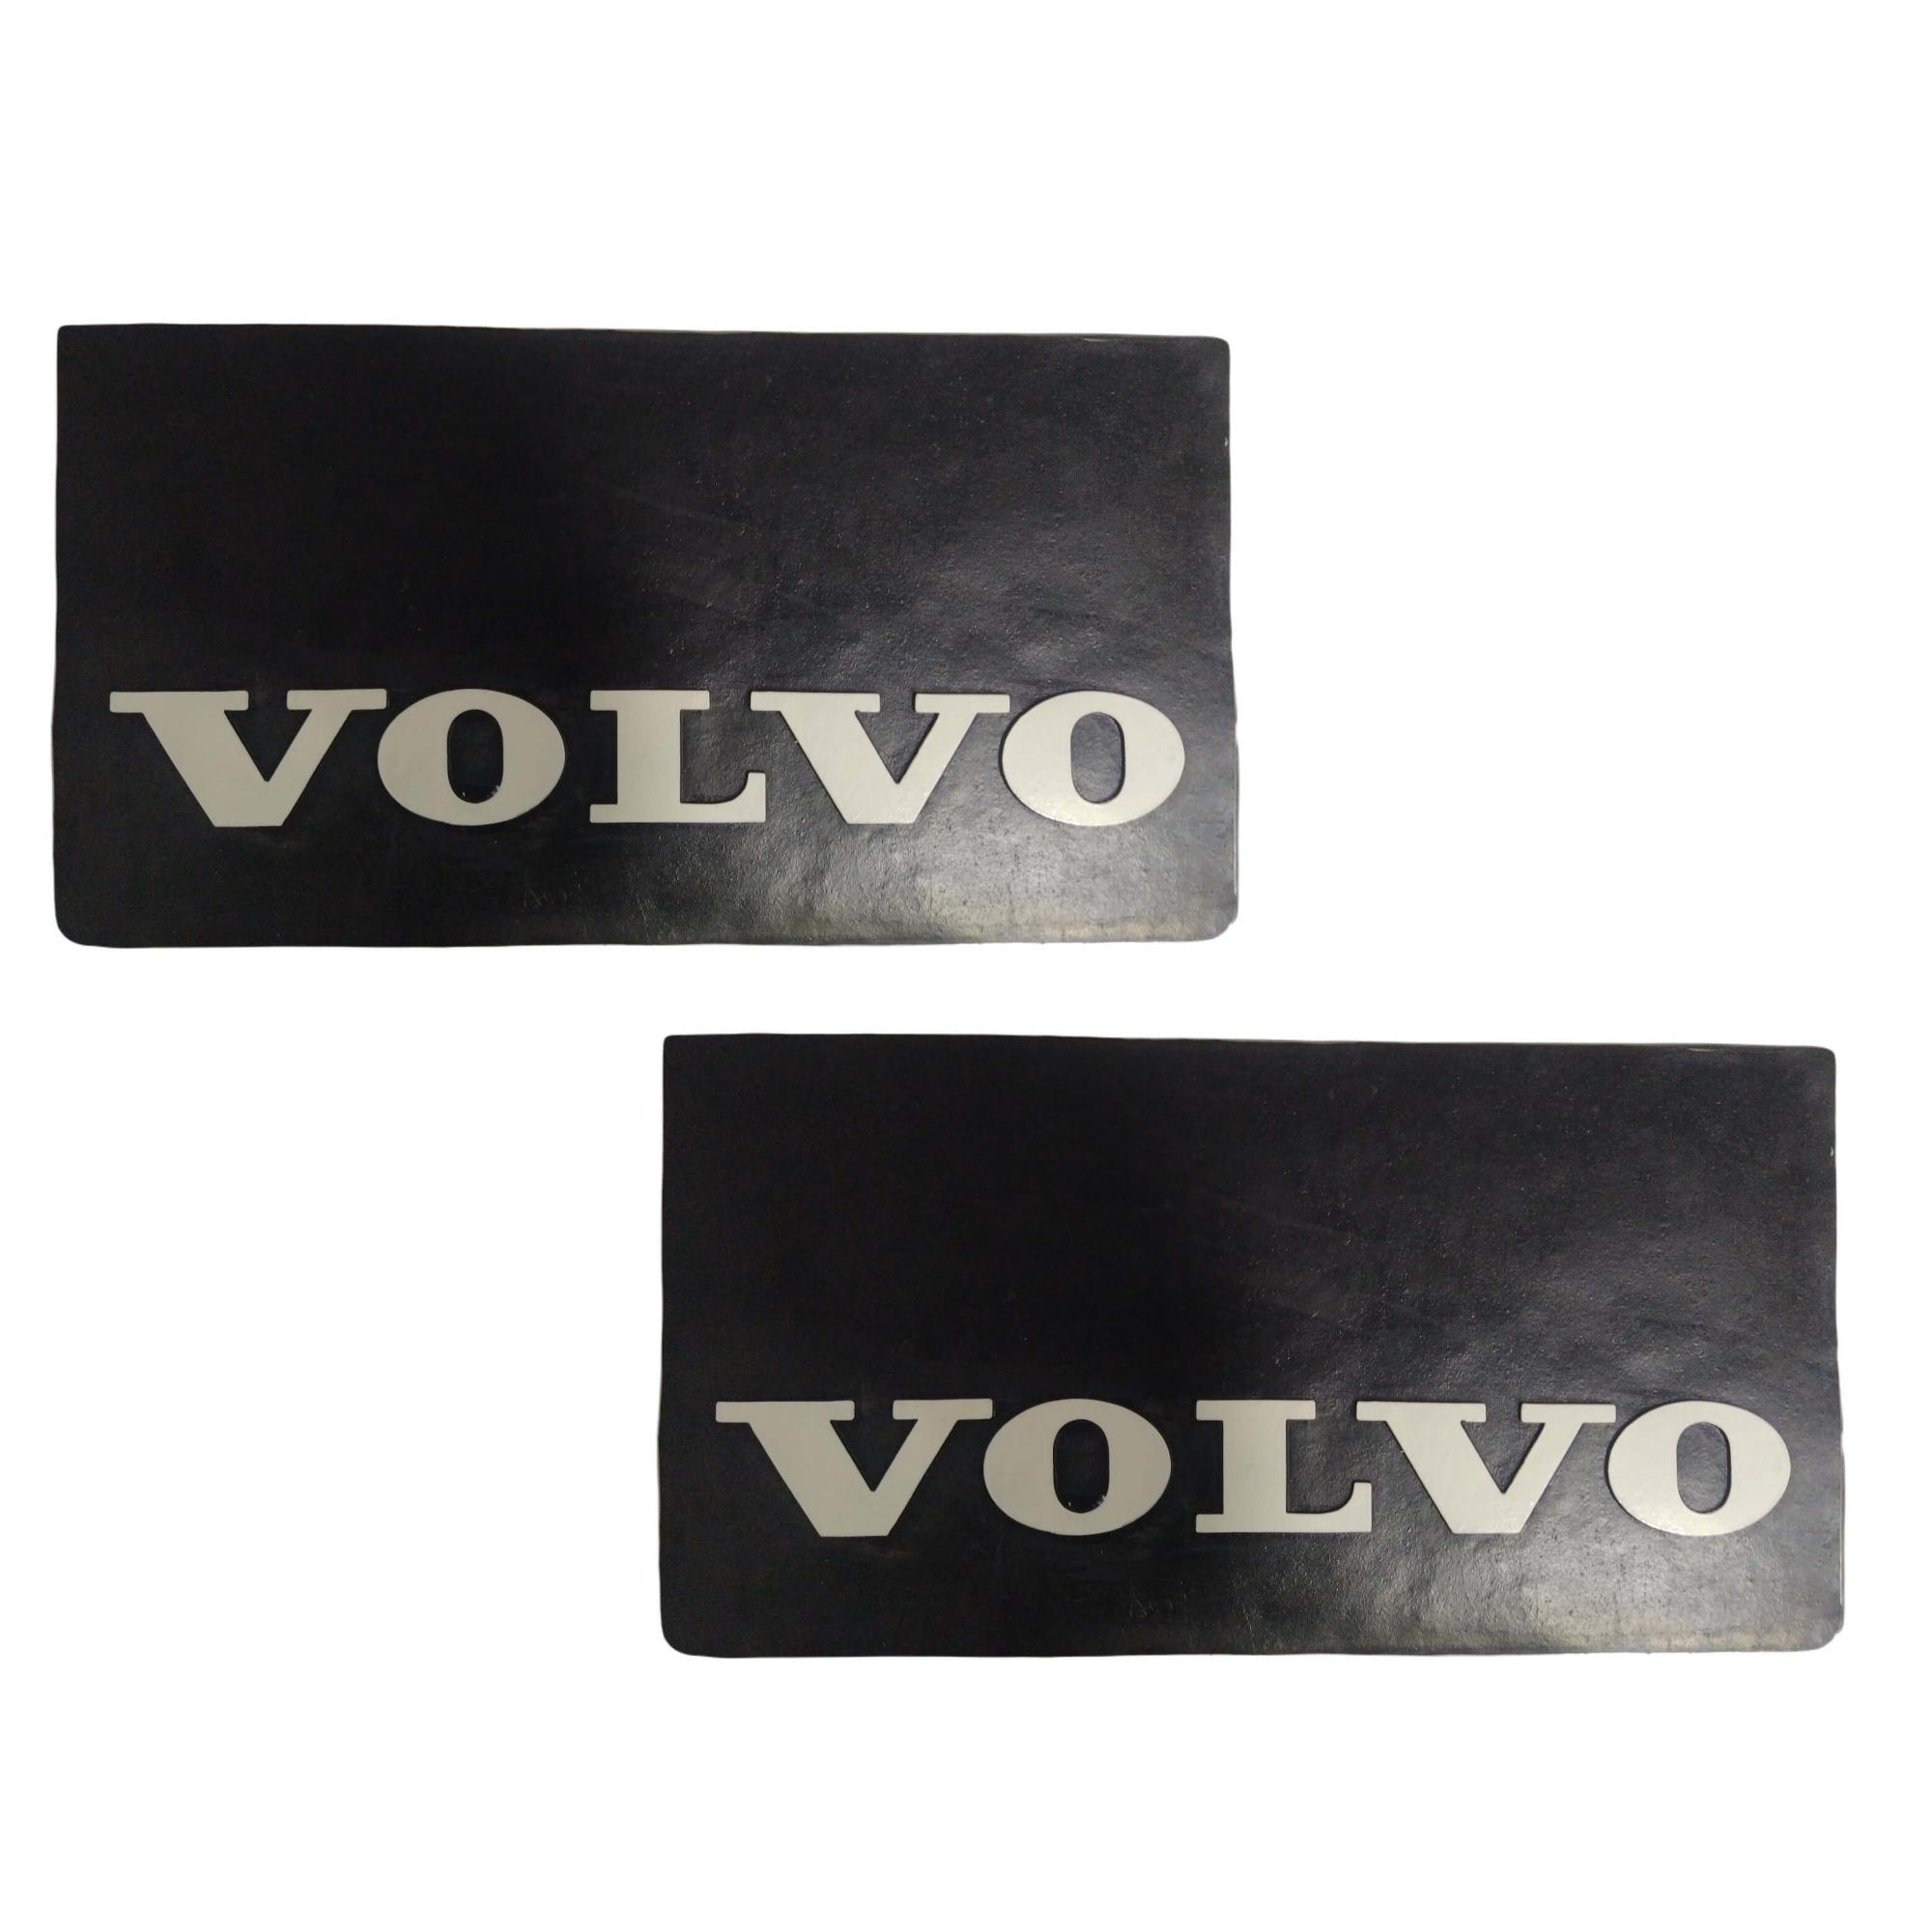 2 Parabarro Borracha Volvo 64 X 32 Cm Traseiro Lameiro